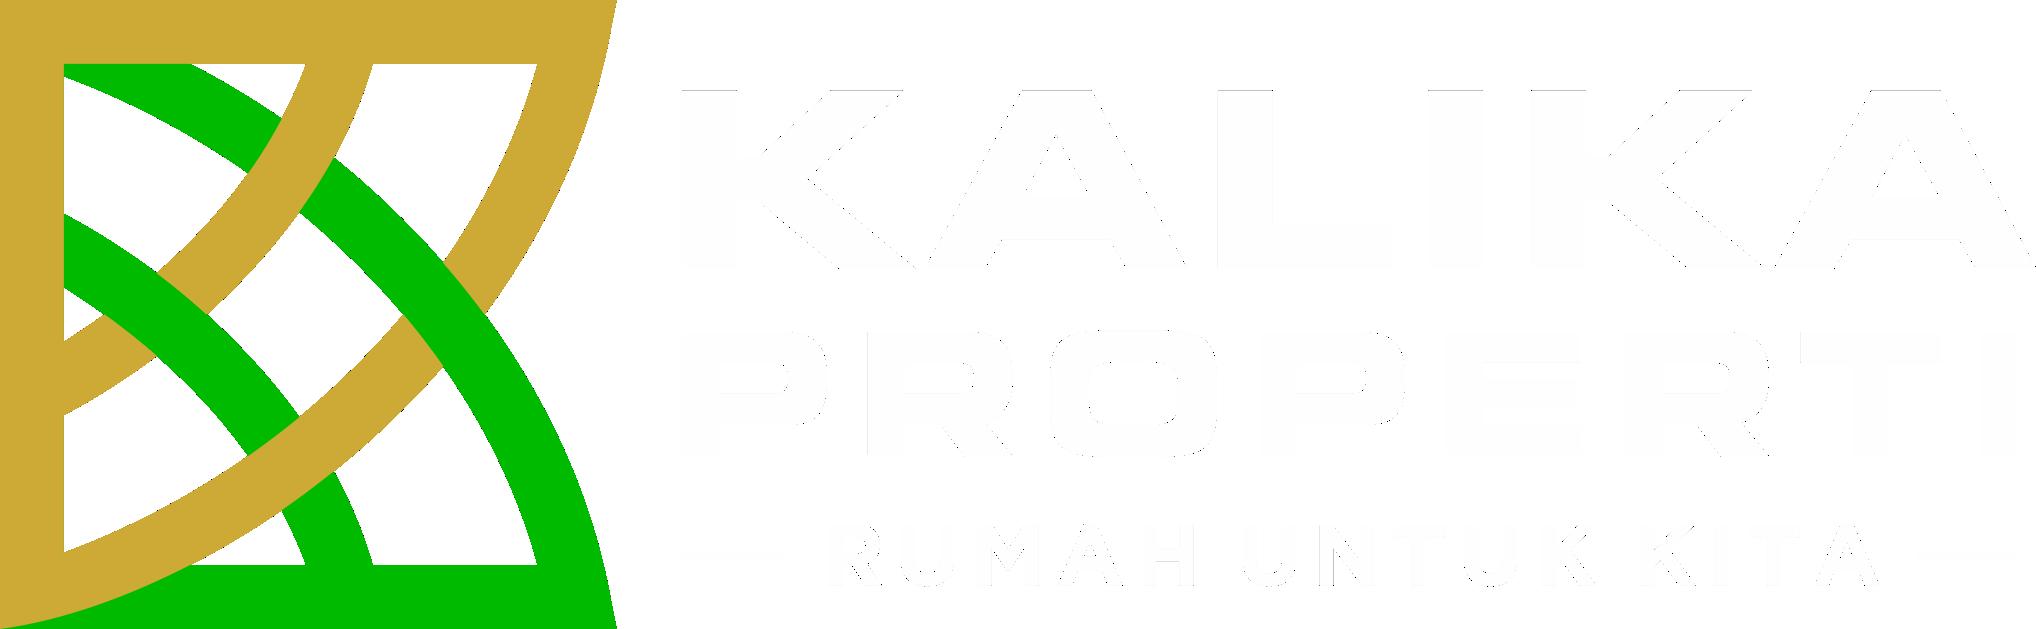 Kalika properti